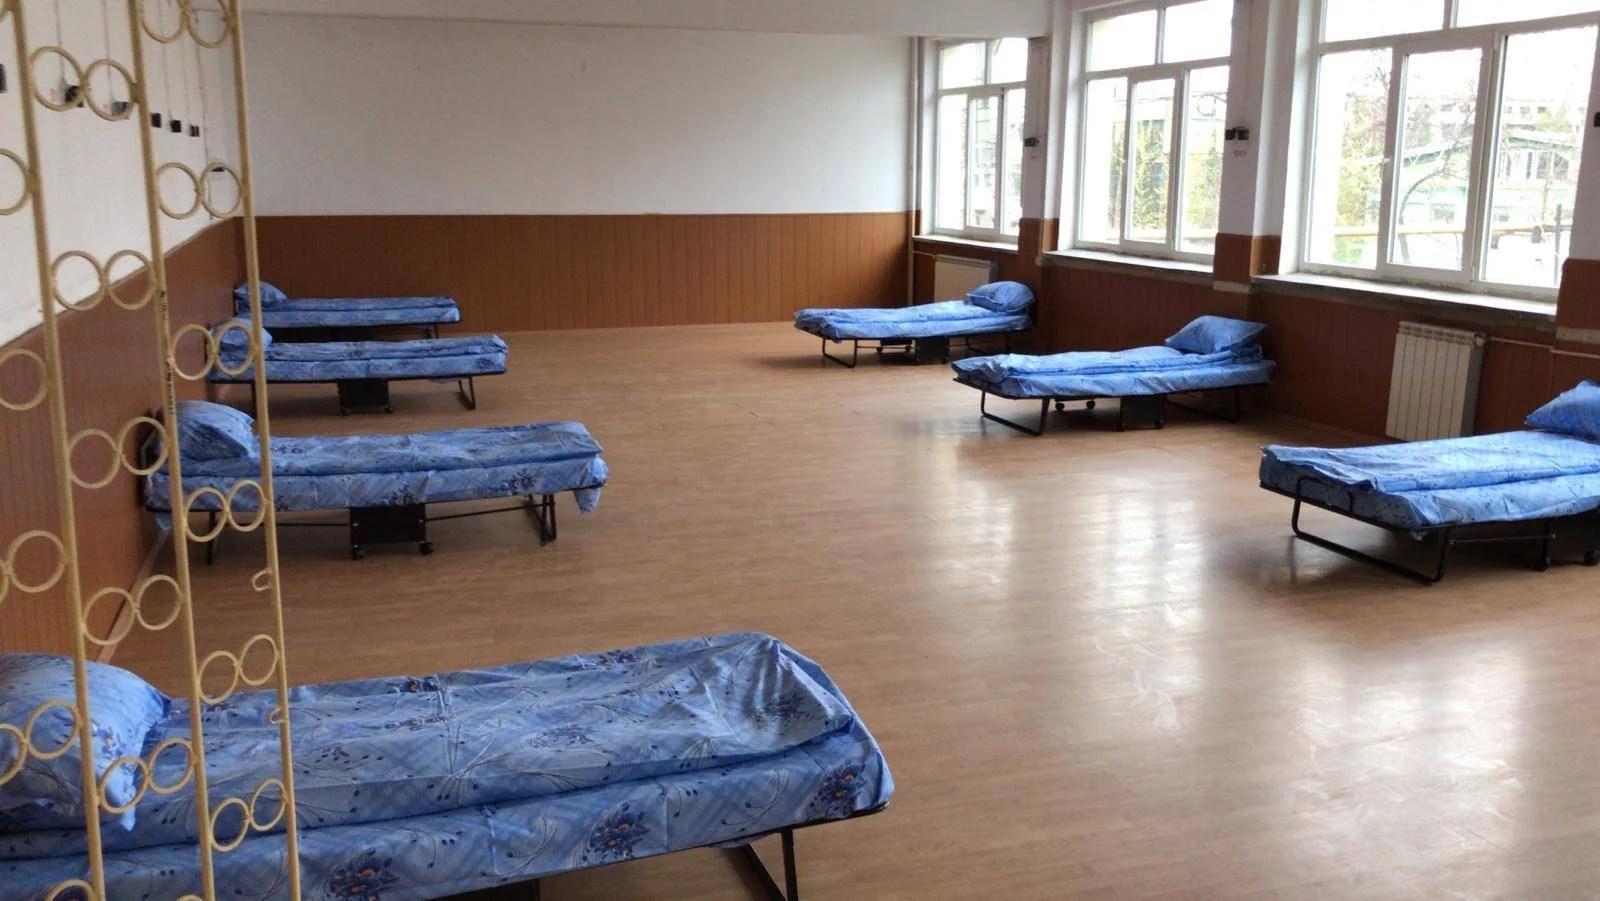 Nou centru destinat persoanelor fără adăpost în Ploieşti, la un fost liceu